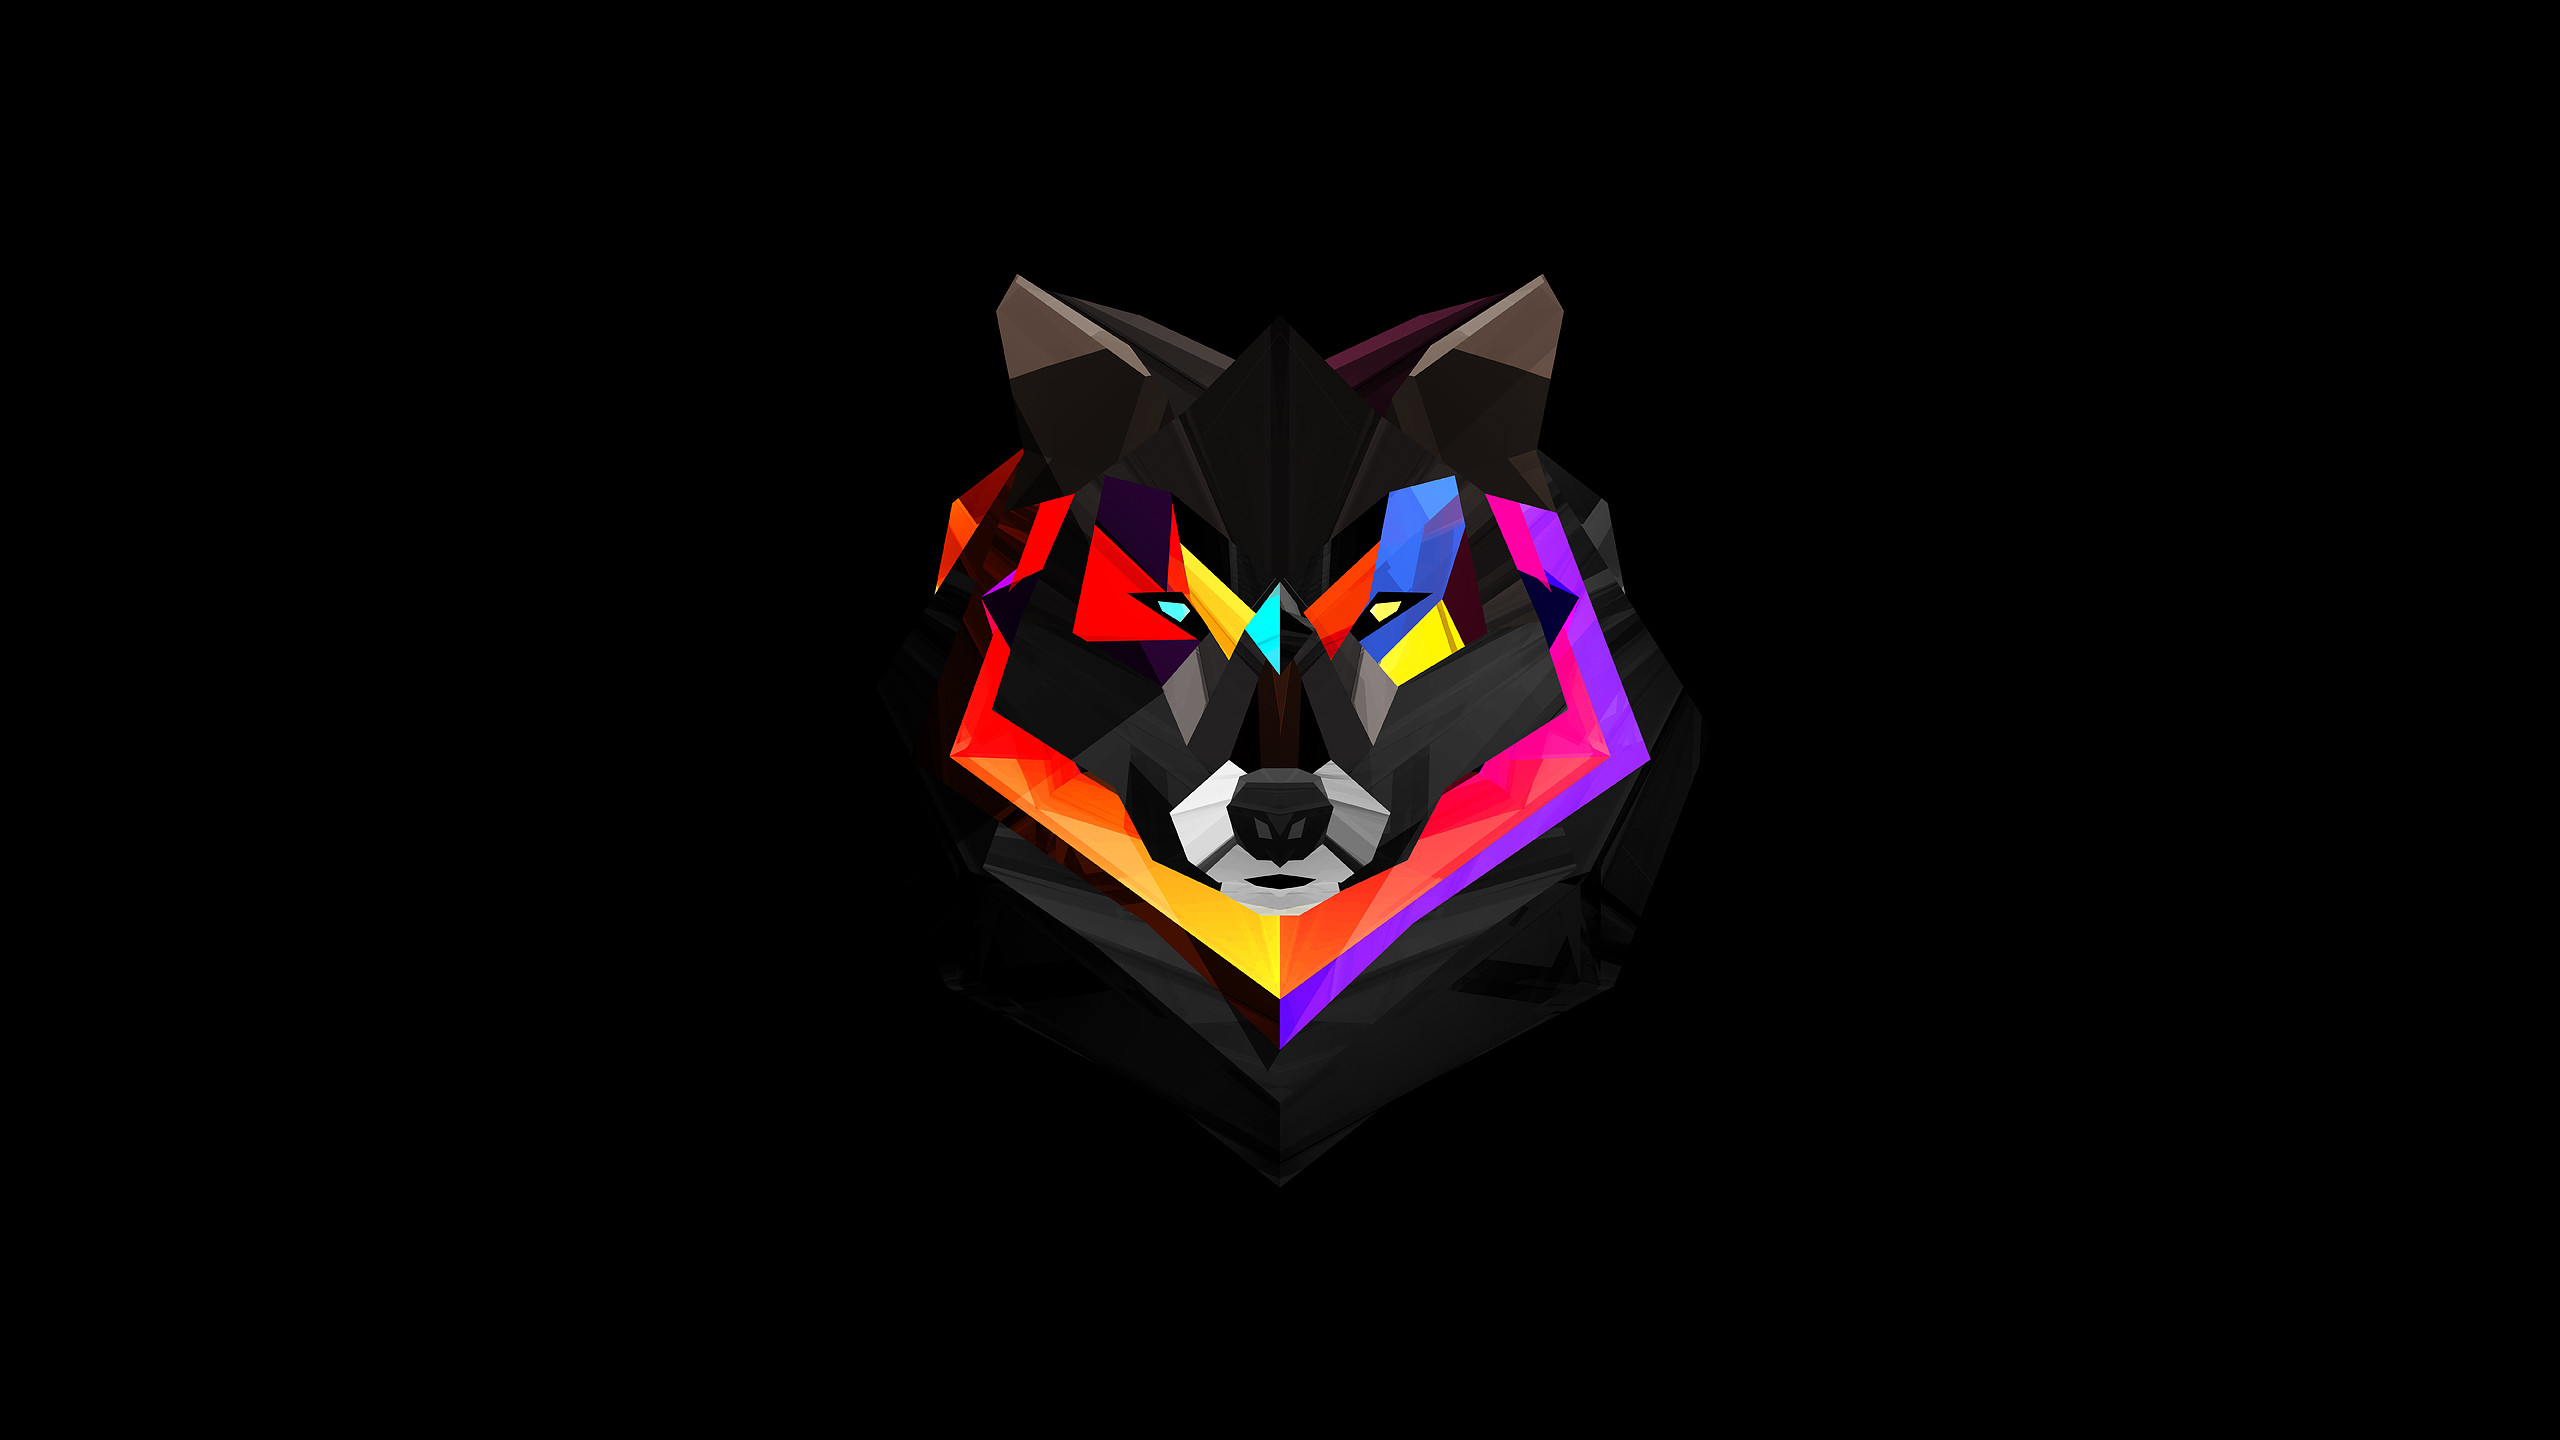 Wolf (2560×1440) 160 ⁄ 365 • 2013